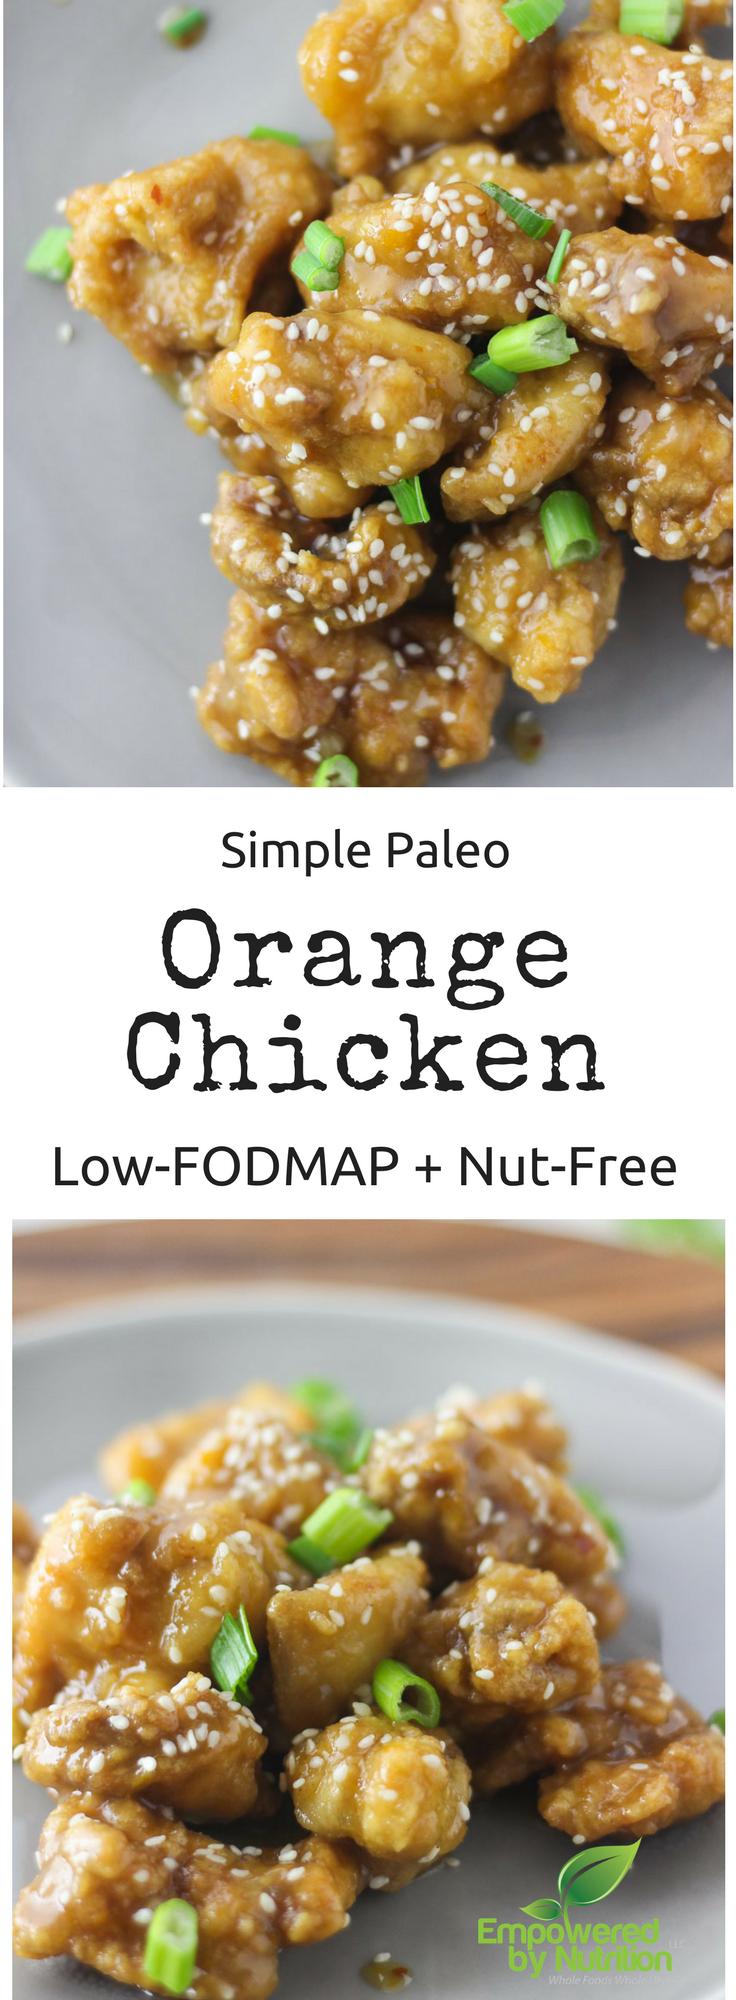 Paleo-glutenfree-orangechicken-low-fodmap